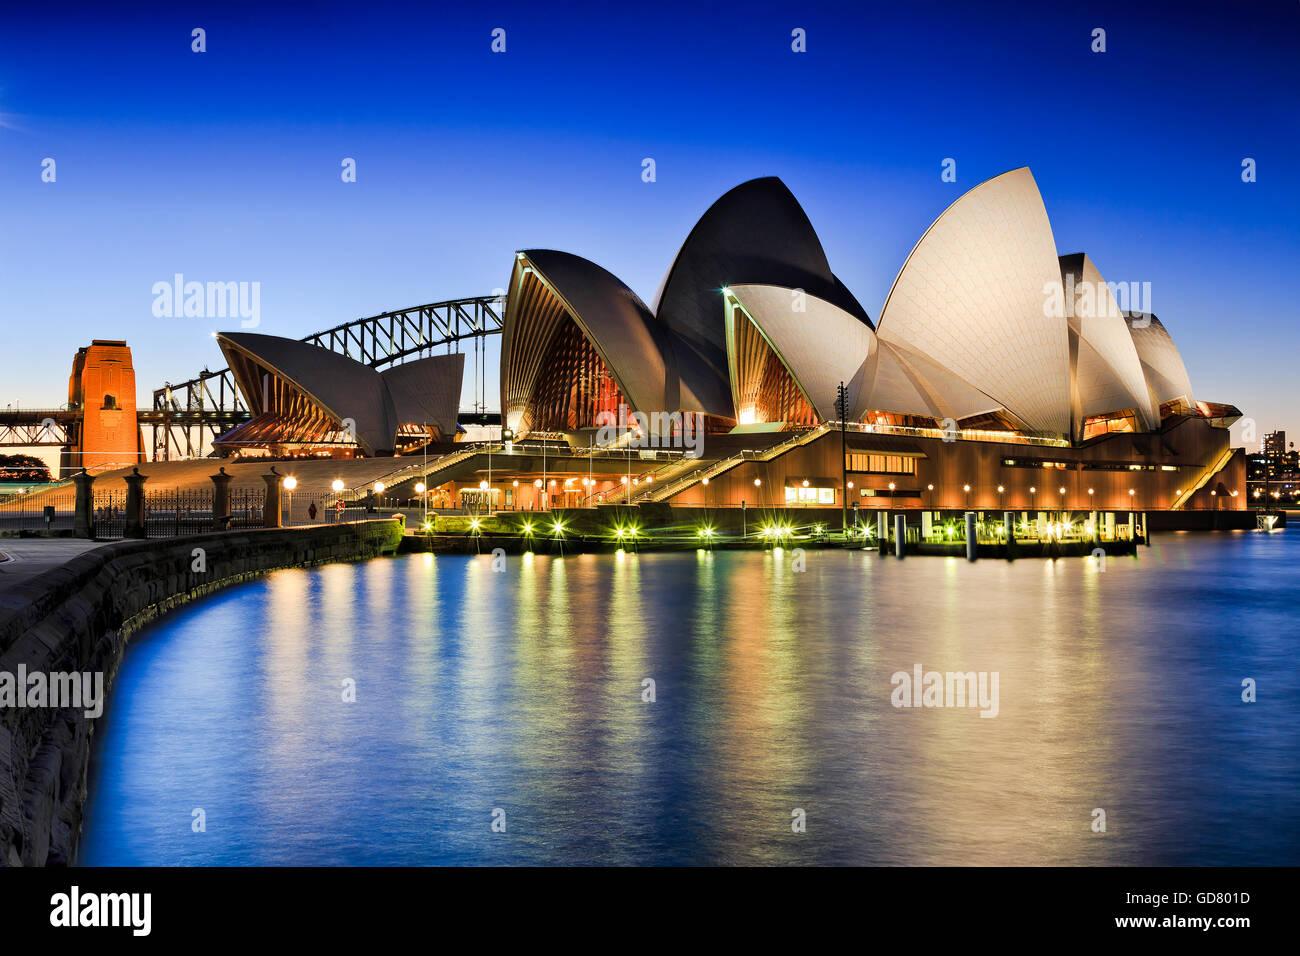 SYDNEY, Australien, 1. Juli 2016 - Sydney Opera House und Harbour Bridge bei Sonnenuntergang reflektierende Beleuchtung Stockbild